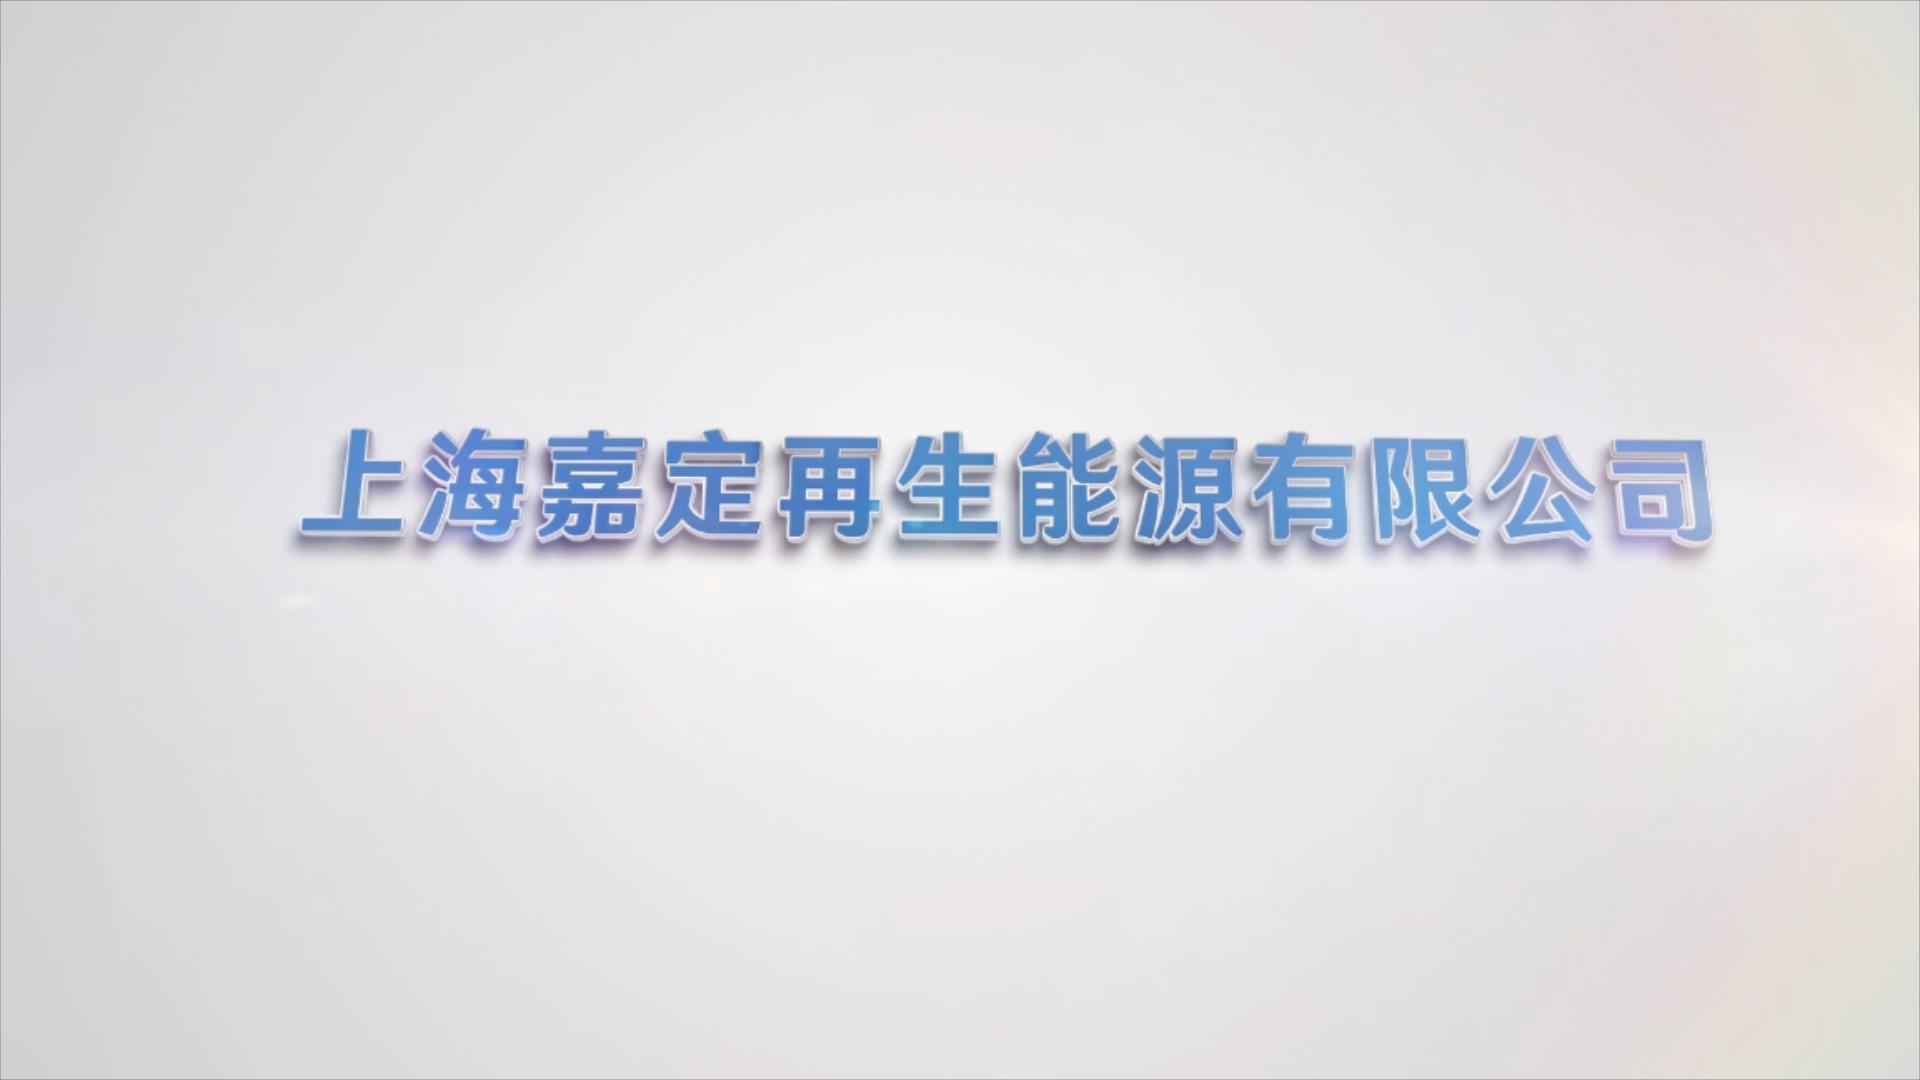 上海嘉定再生源有限公司宣传片